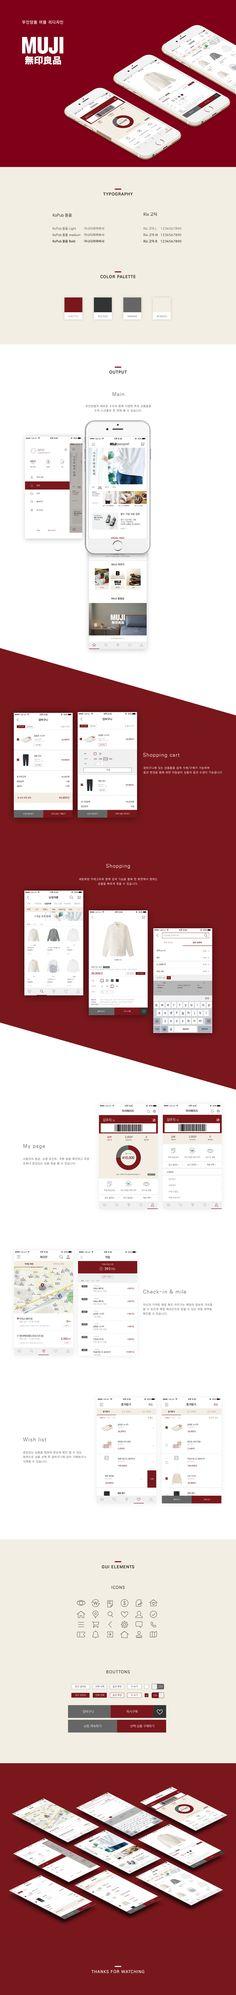 무인양품 모바일 앱 'MUJI passport' 리디자인 - 그래픽 디자인, UI/UX